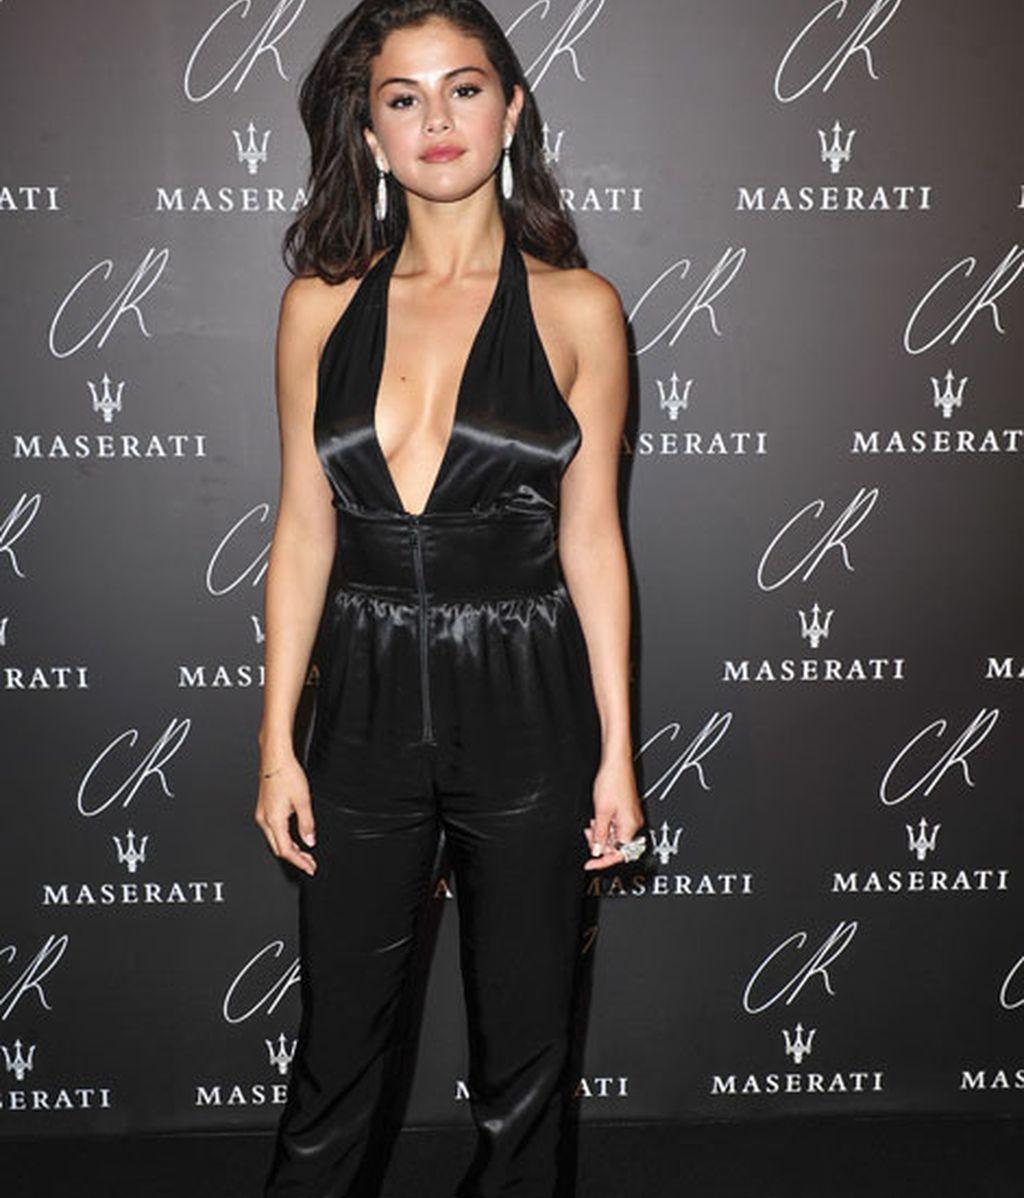 Justin Bieber, pareja de Selena Gómez, también estuvo en el evento